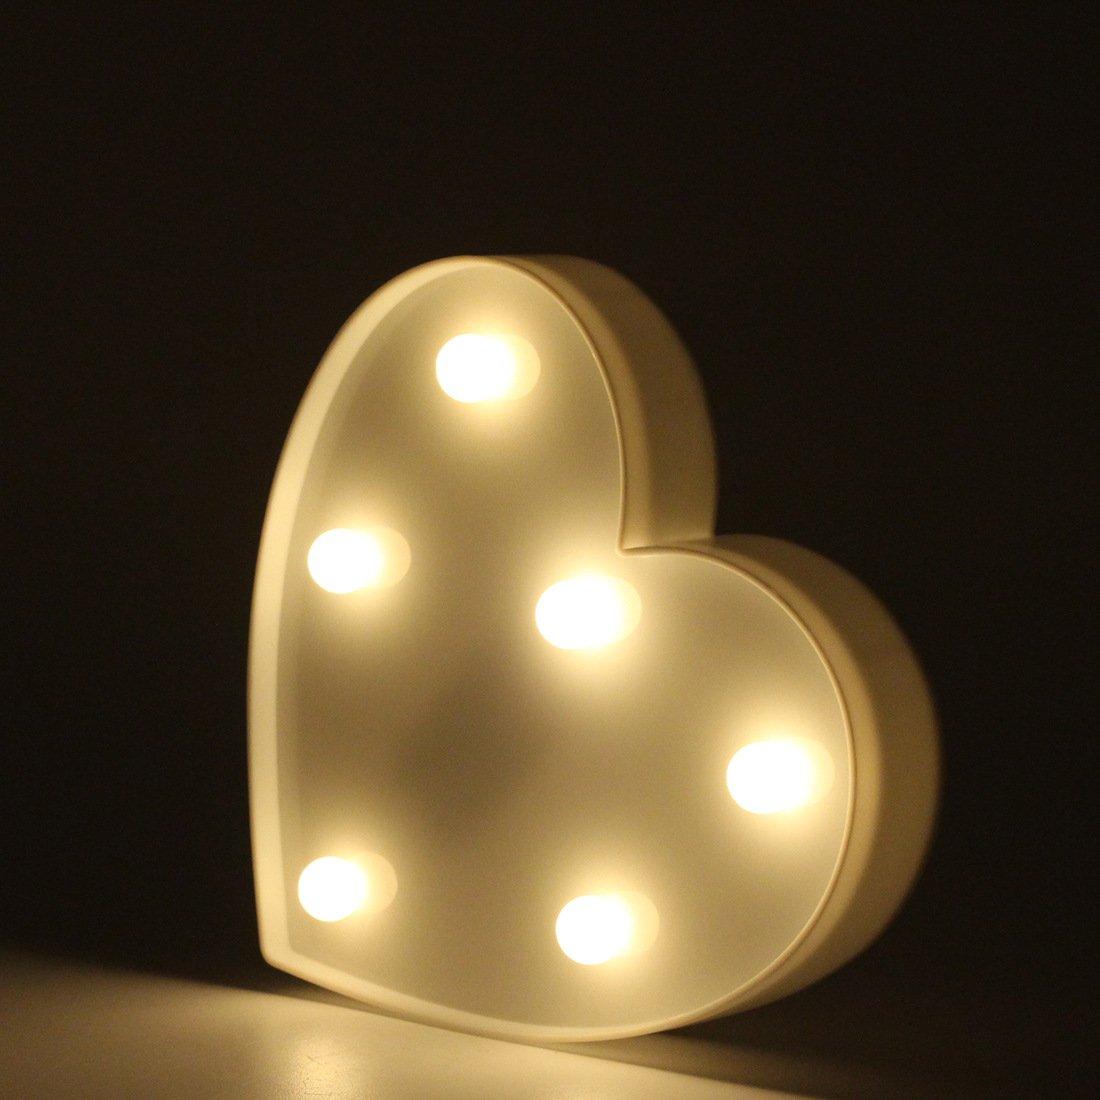 Marquee Lighting: Amazon.co.uk